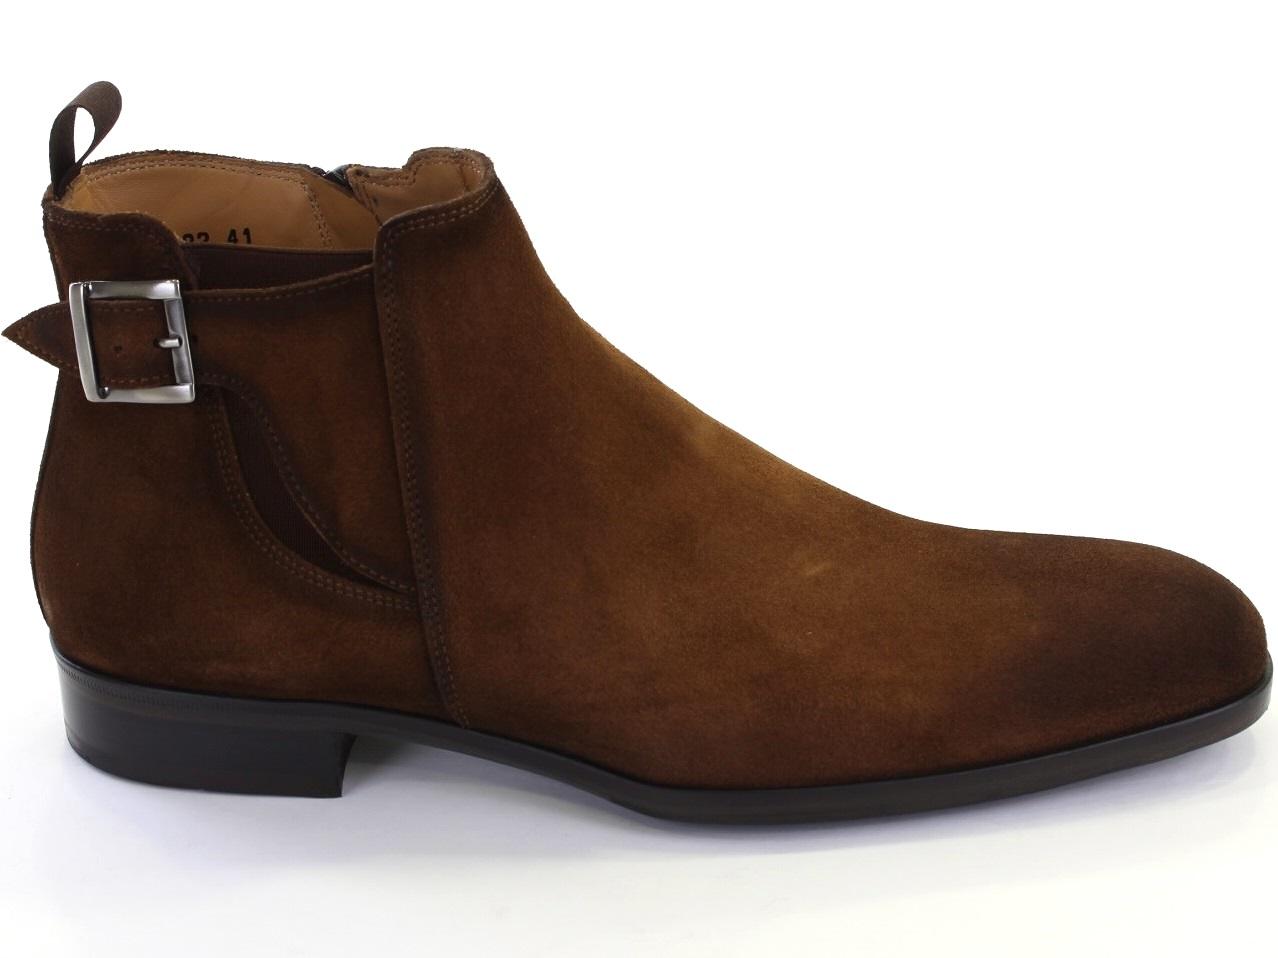 Boots Gino Bianchi - 405 18622